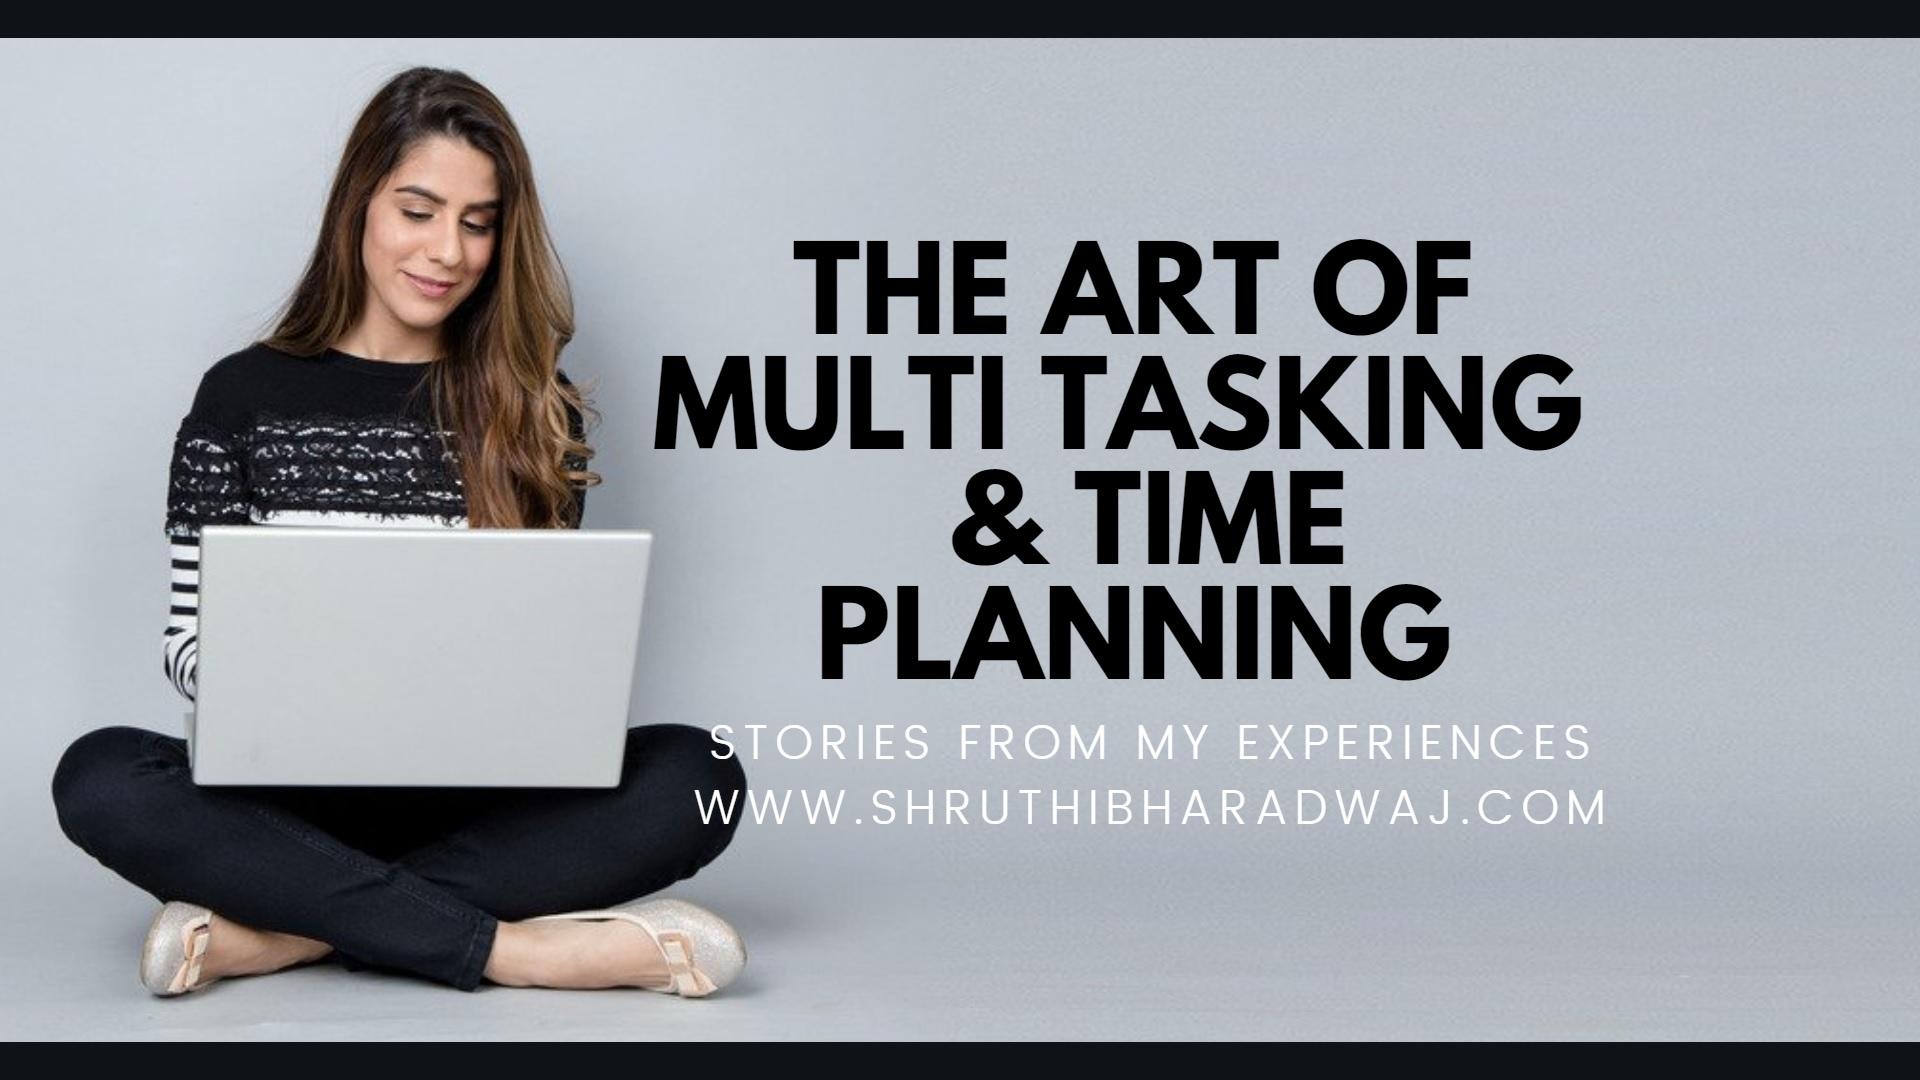 www.shruthibharadwaj.com_theartofmultitaskingandtimeplanning_digitalmarketingagencyinbangalore1a